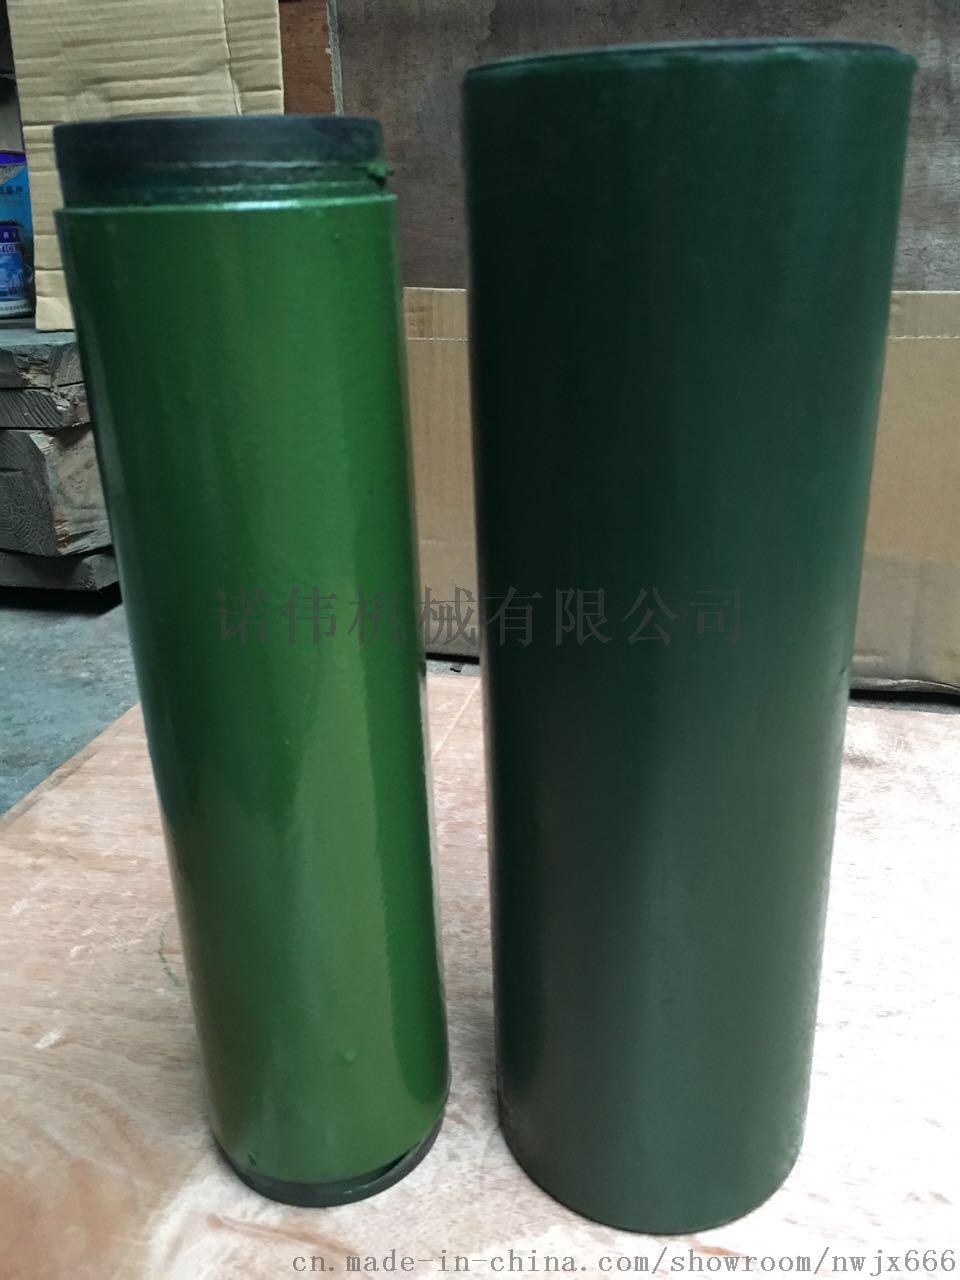 加工定做各類螺桿泵定子轉子微型螺桿泵轉子定子737562432